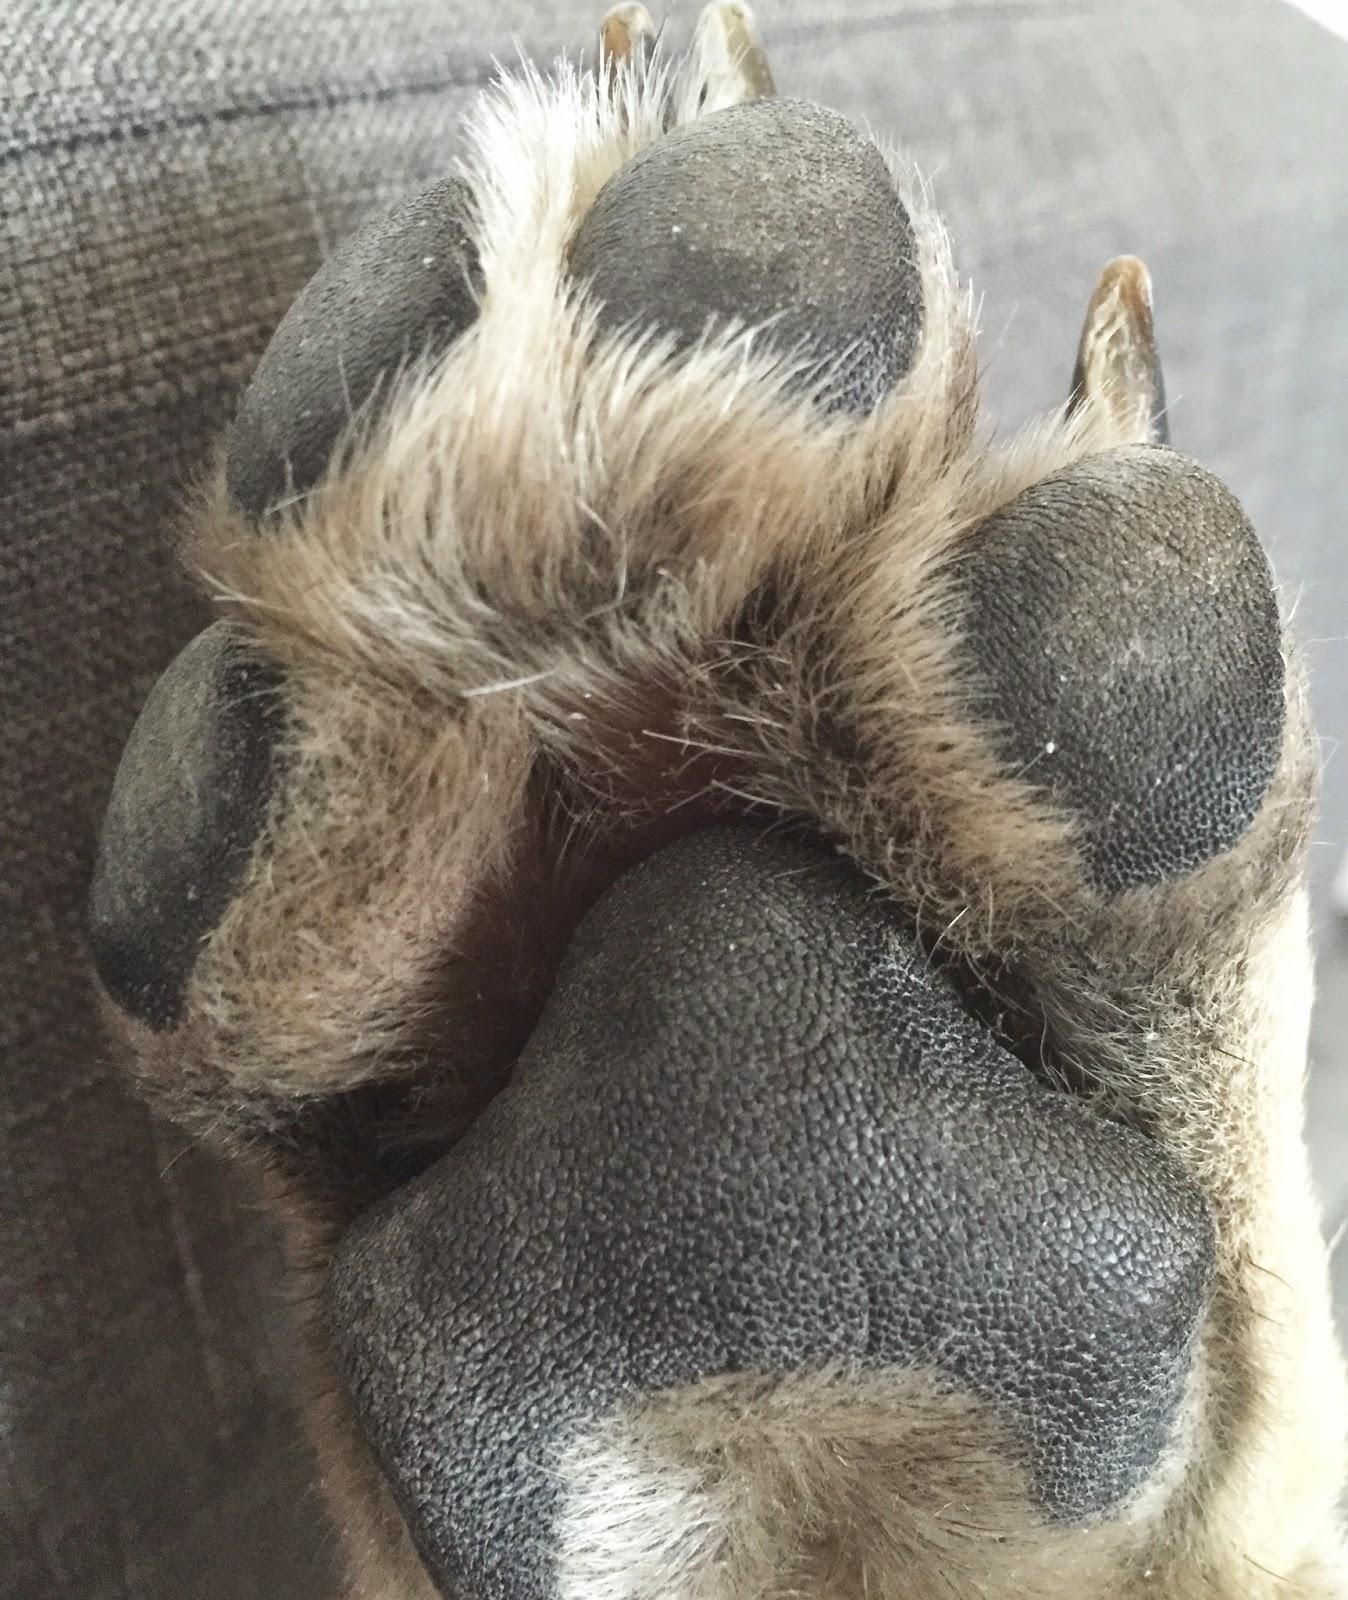 Coronavirus, des chaussures aux pattes de chien: les nouveaux canulars